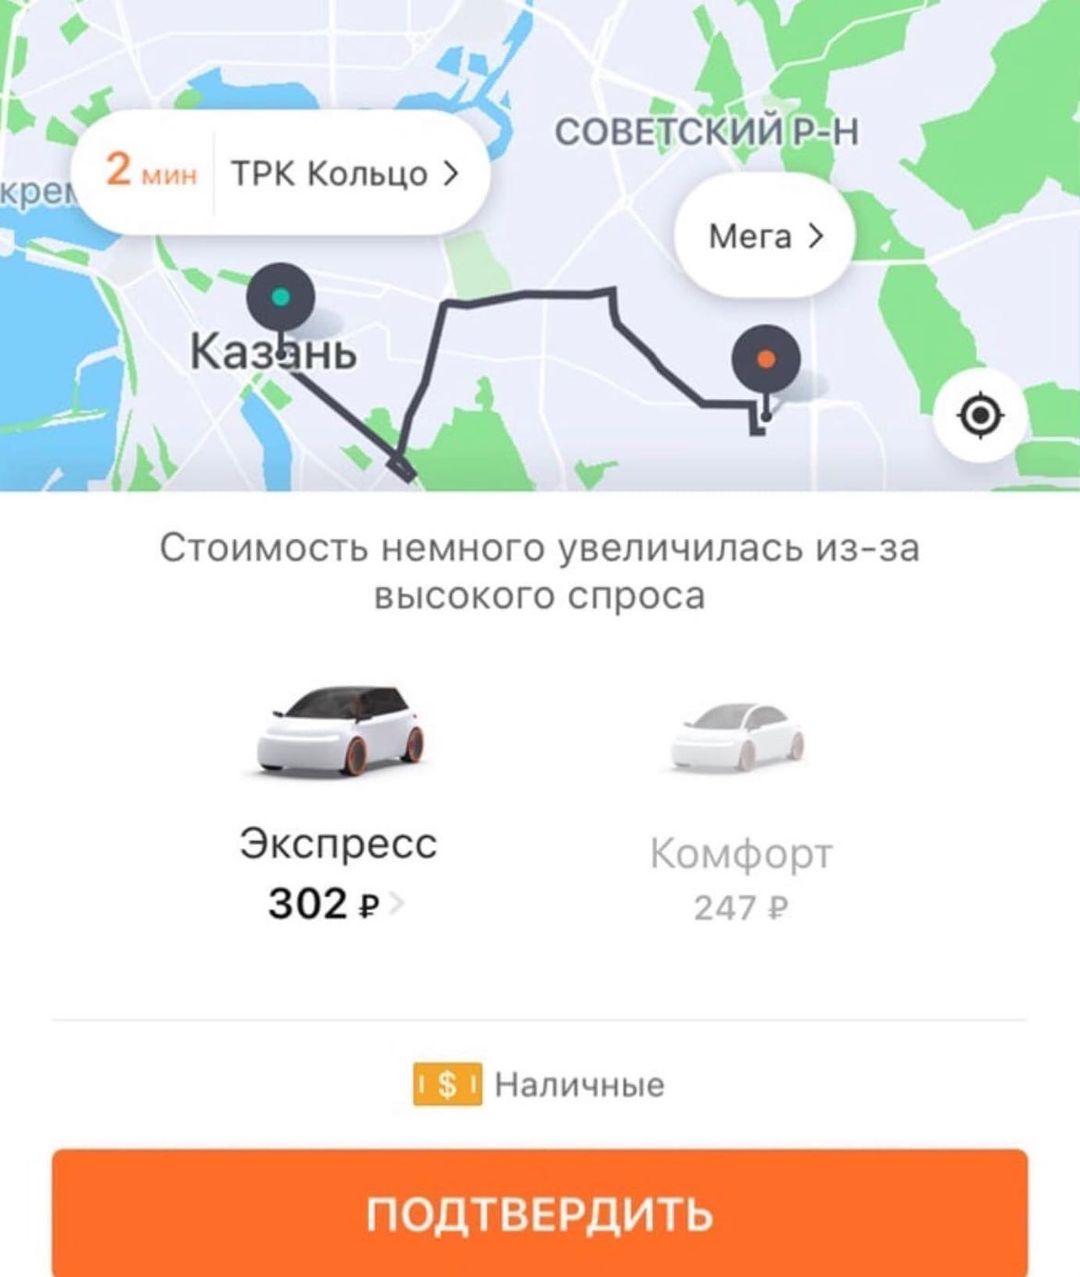 Казанцы пожаловались на цены такси в новогоднюю ночь